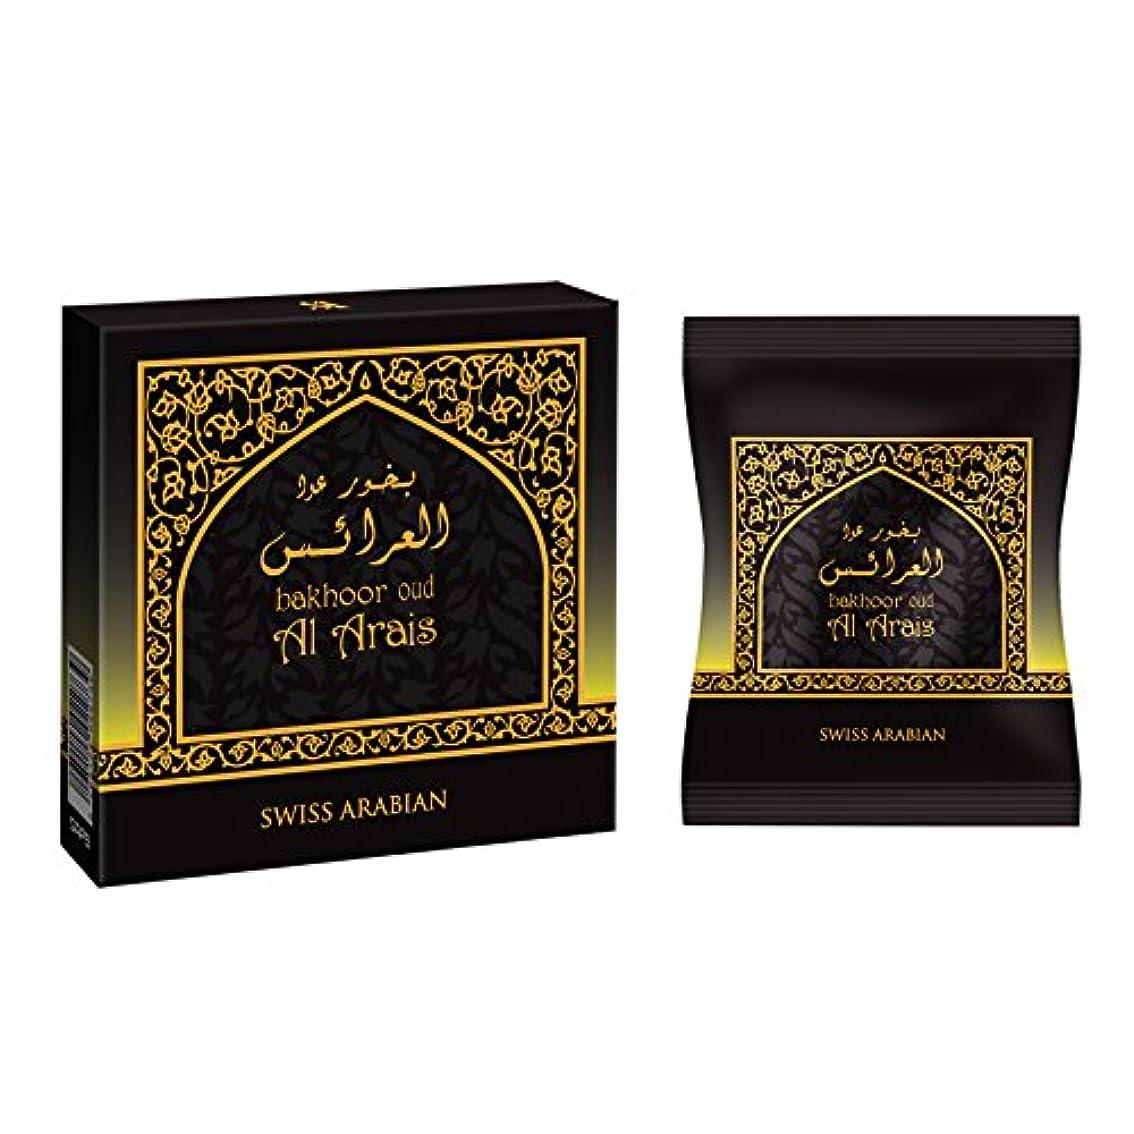 バスト子ビジュアルswissarabian Oud Al Arais Bakhoor (40g) Incense